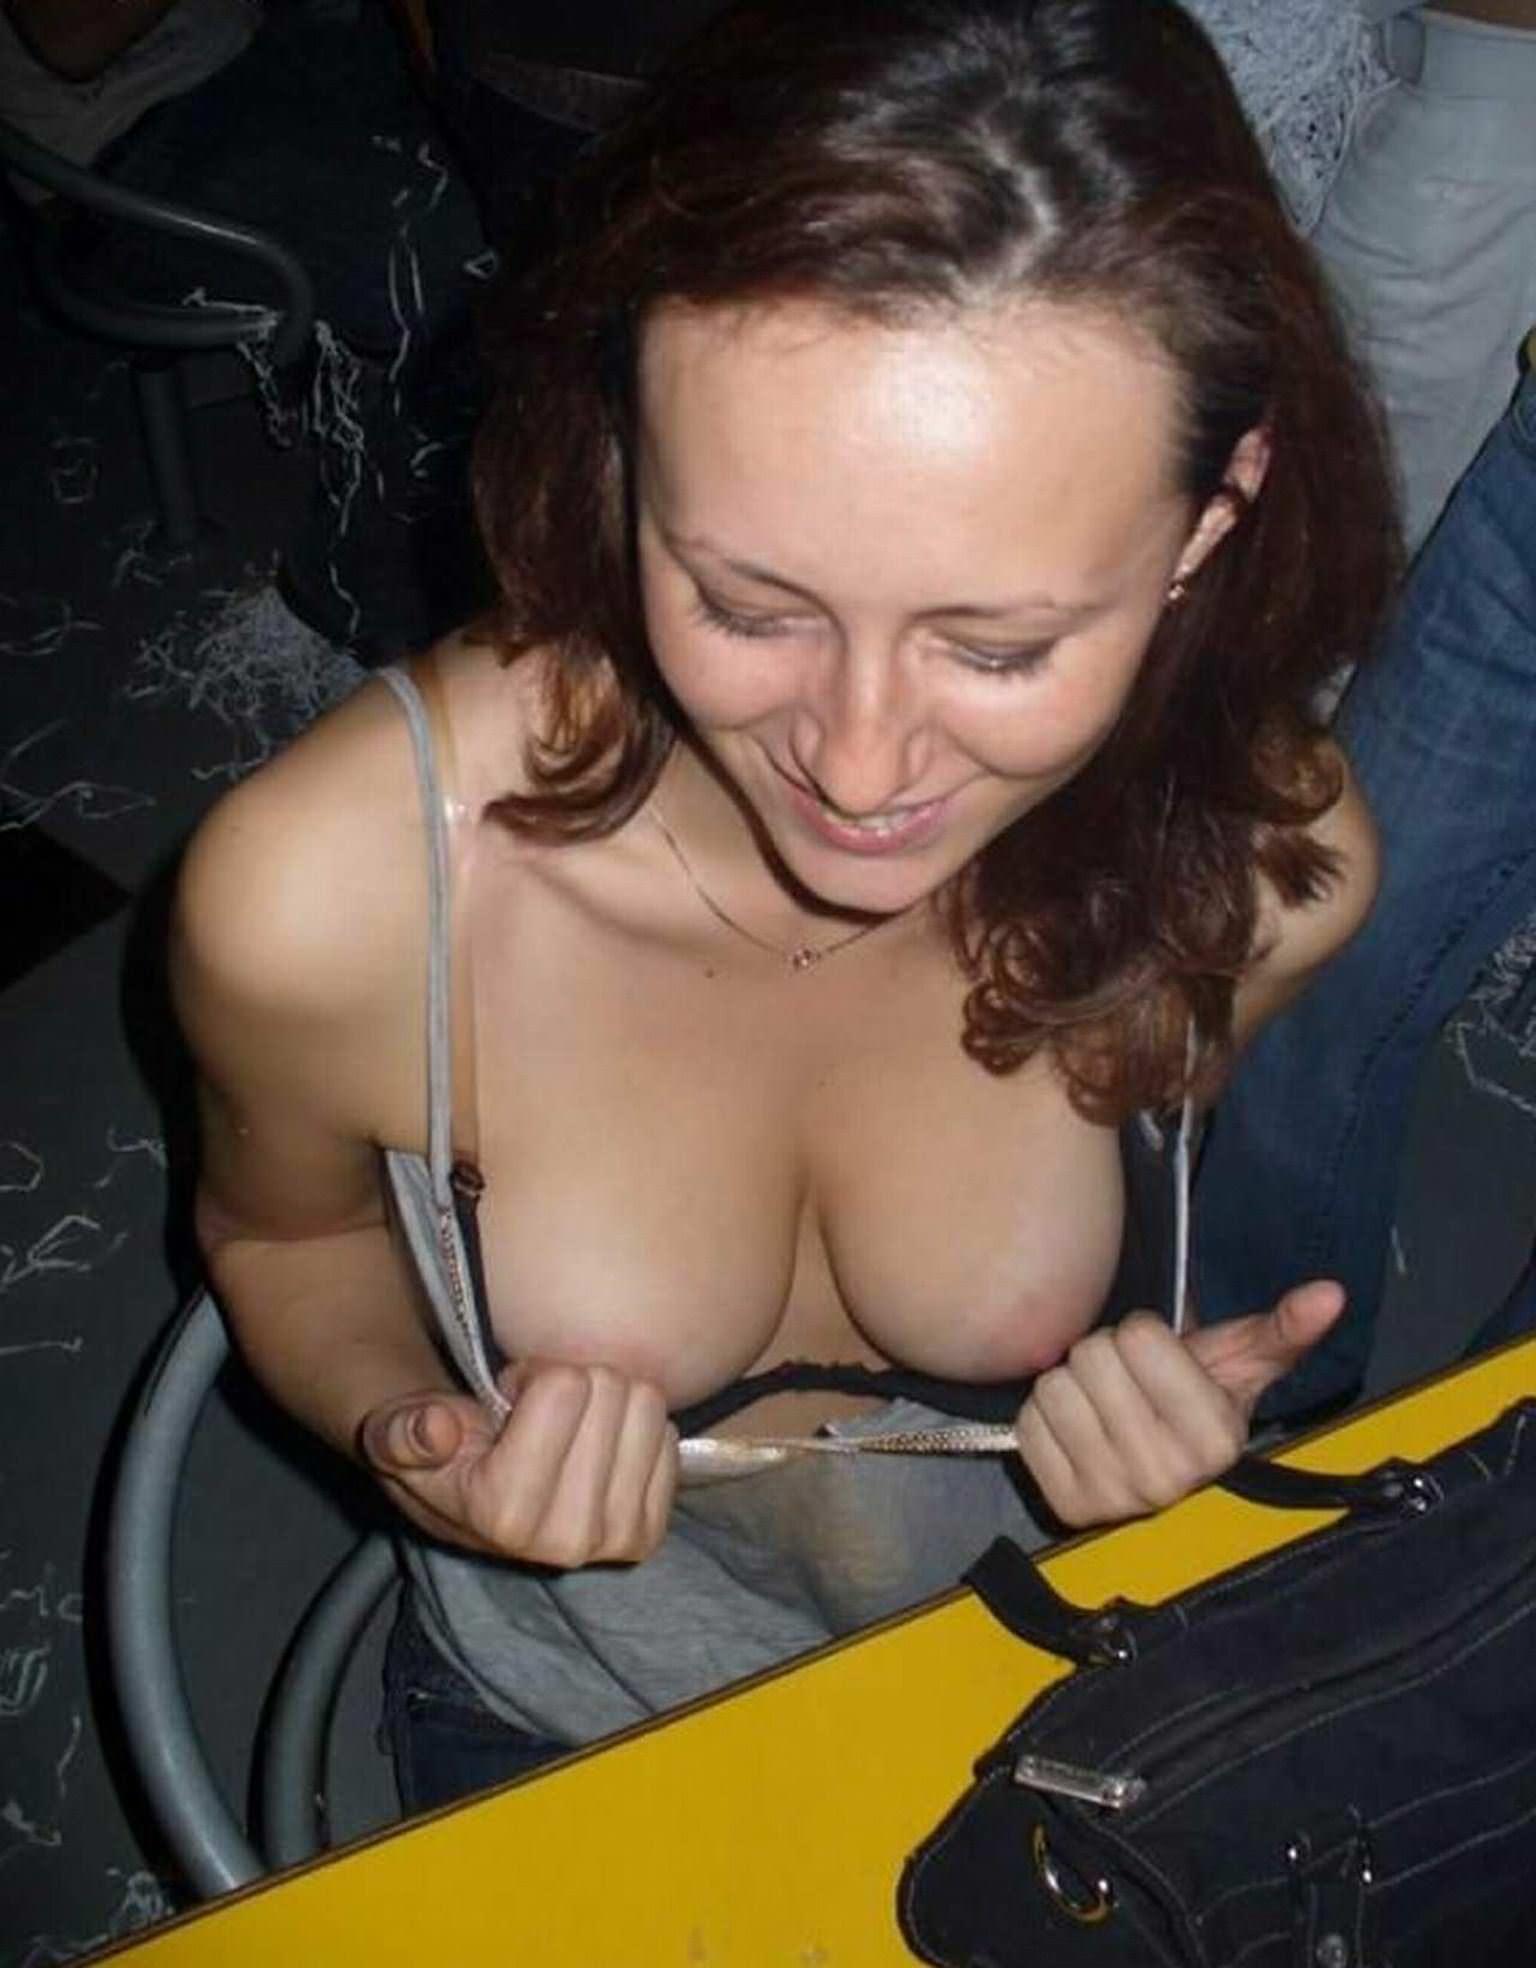 【外人】海外素人たちの胸チラからピンク乳首がポロリしちゃってるポルノ画像 7266